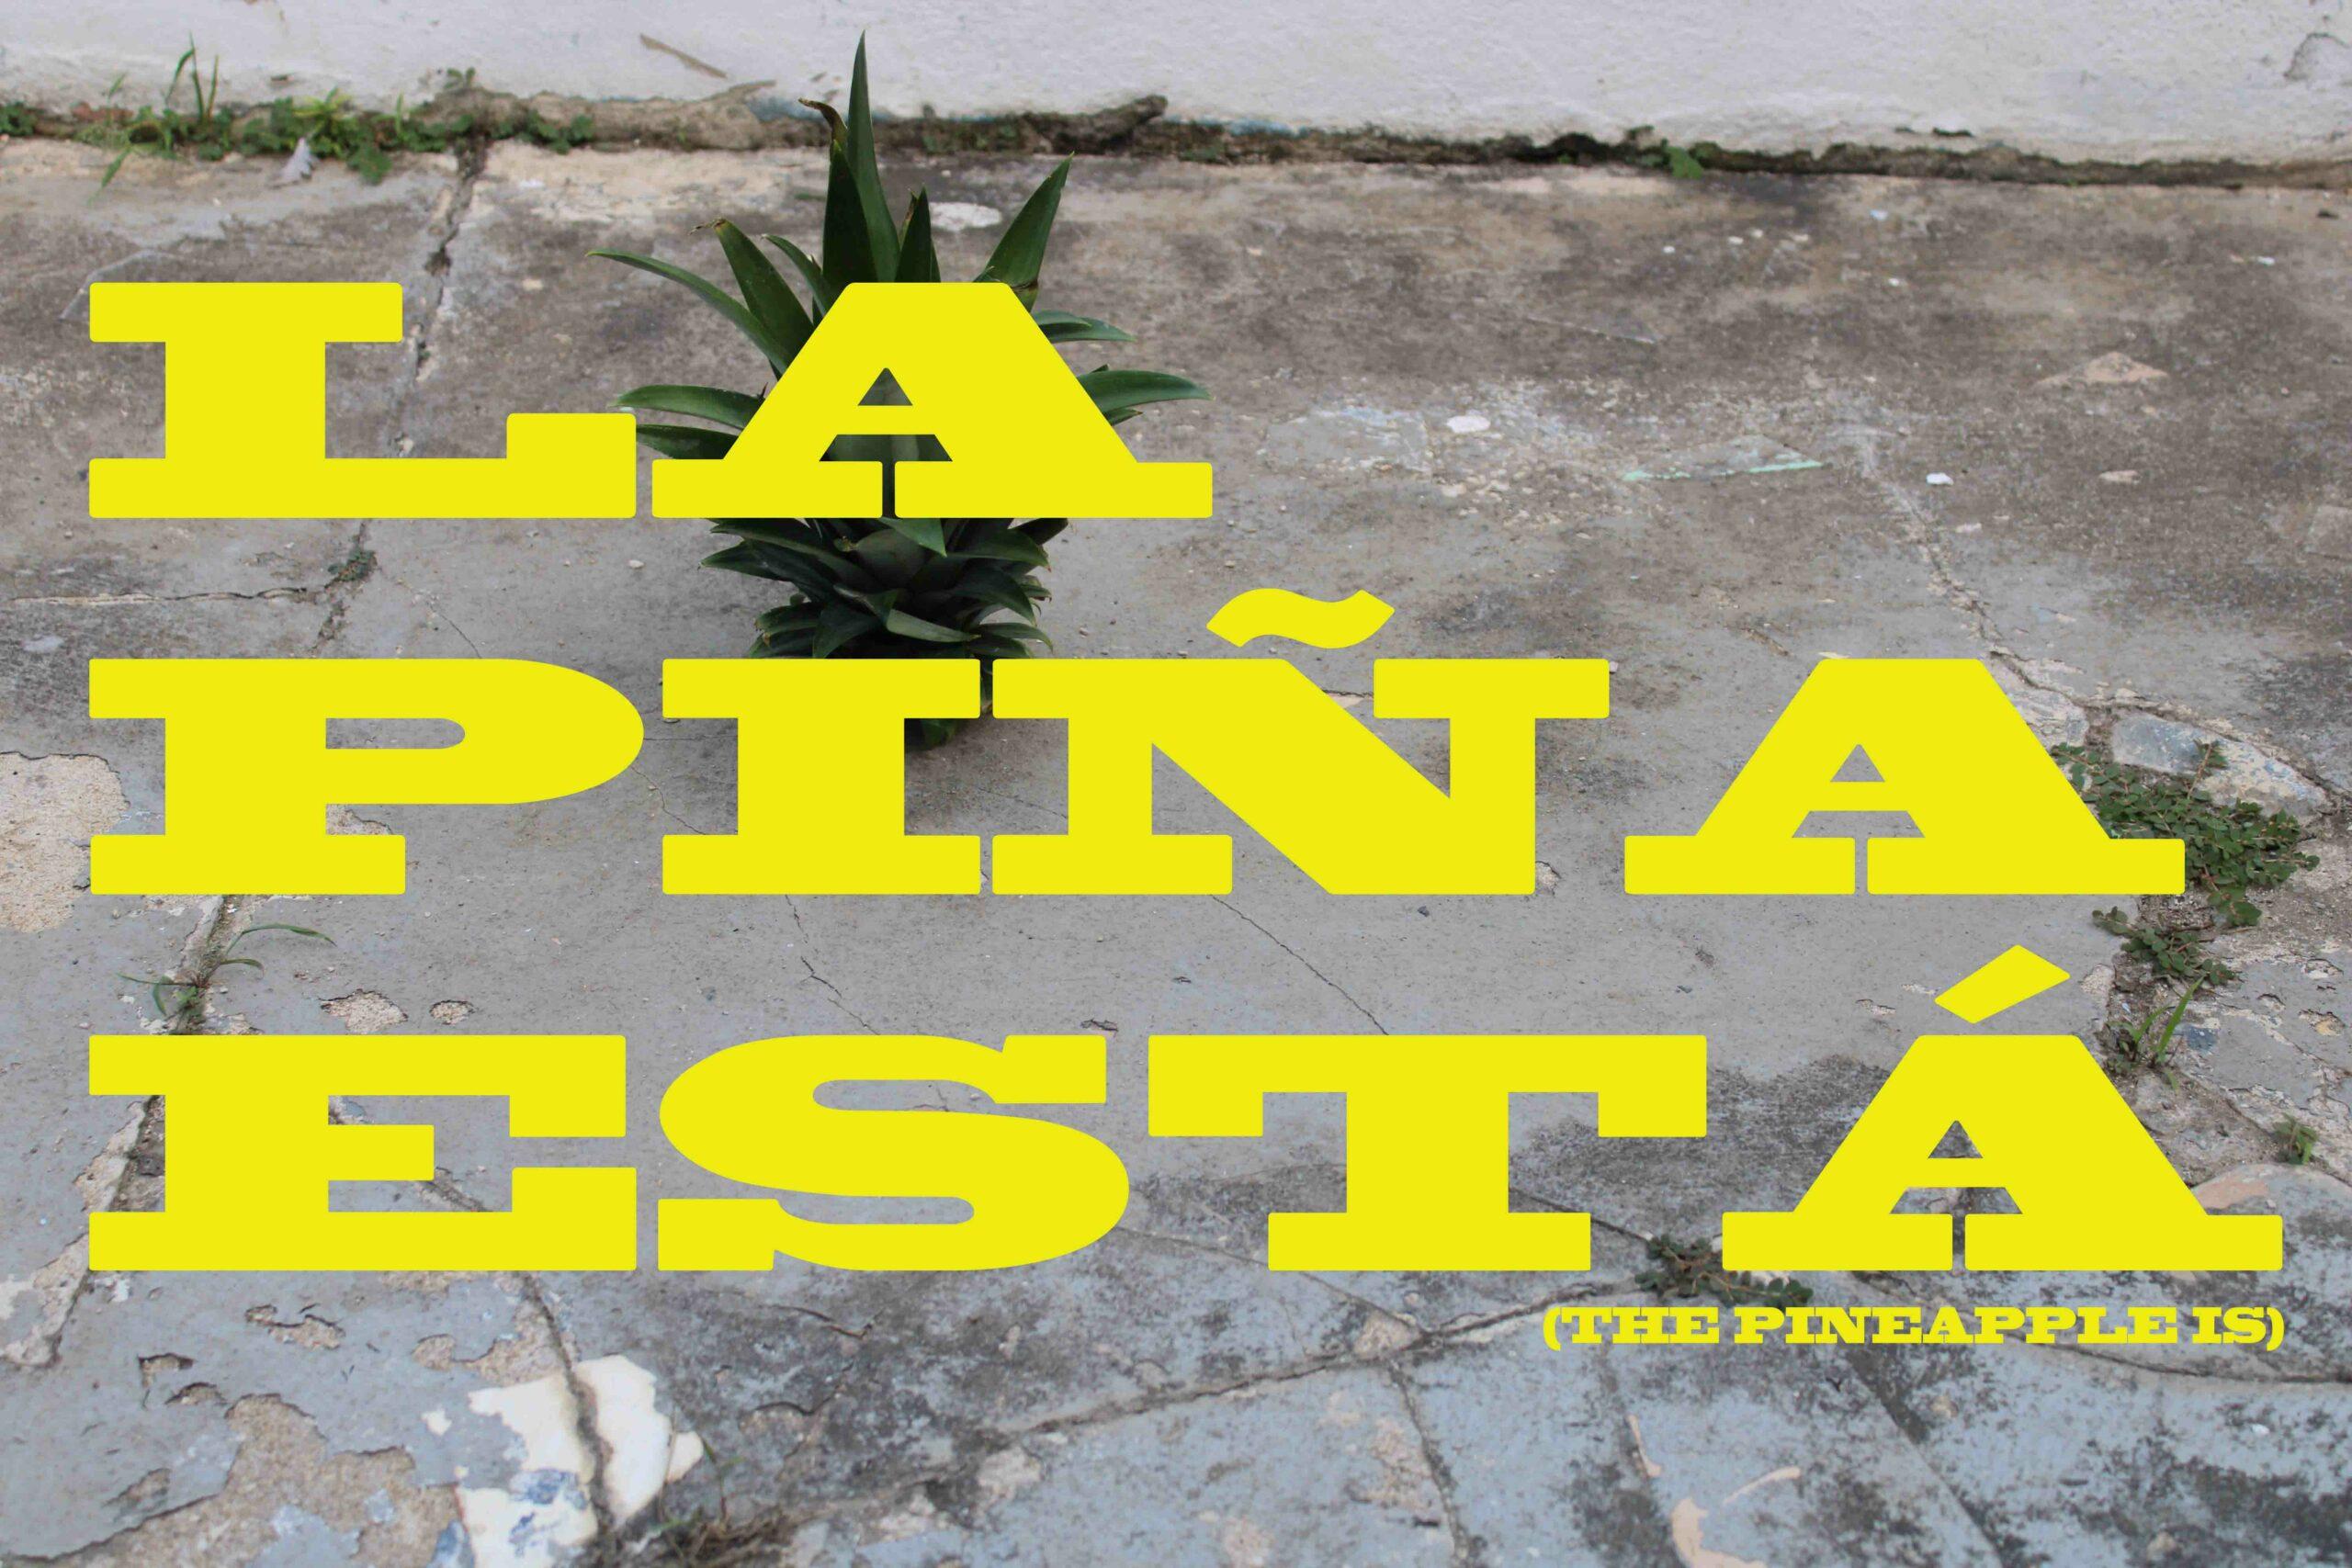 LA_PINA_ESTA_1_web